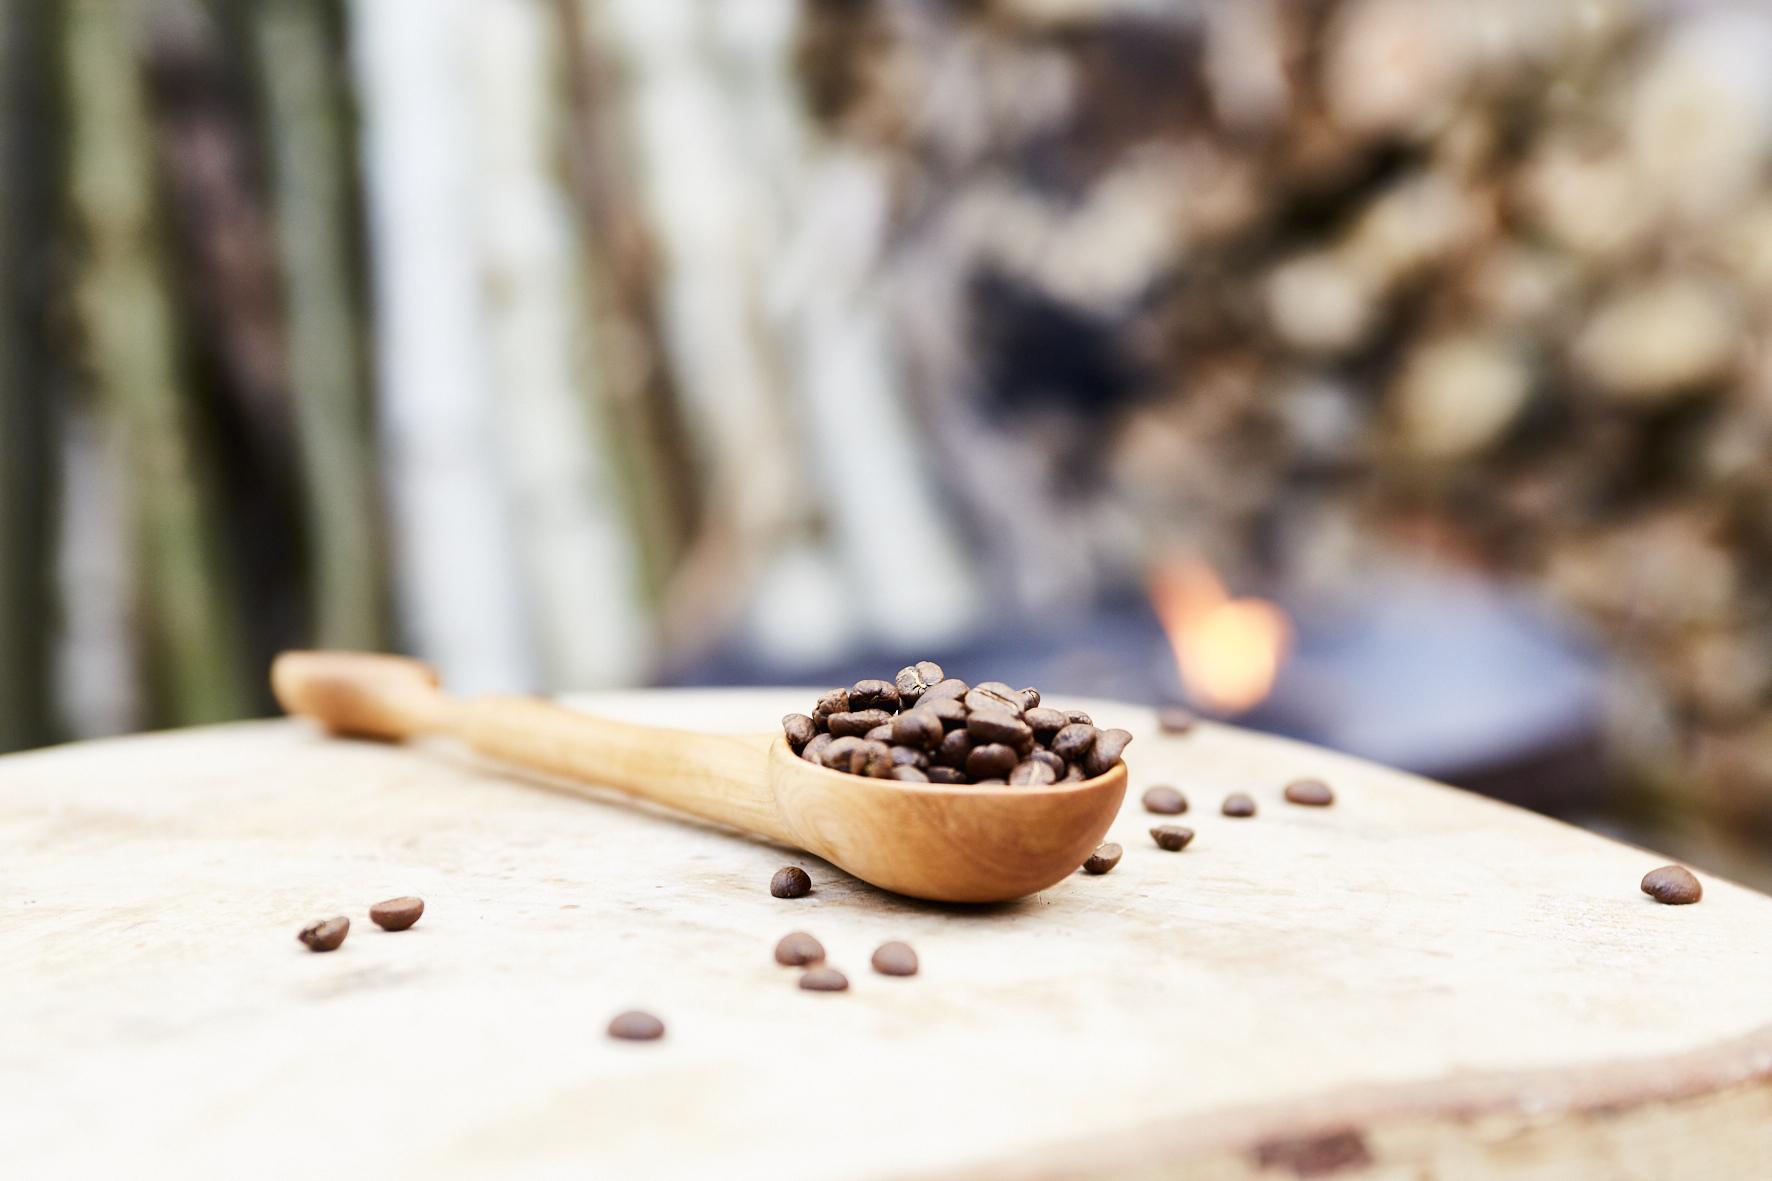 Csináld magad: Fakanál vagy kávéskanál faragása